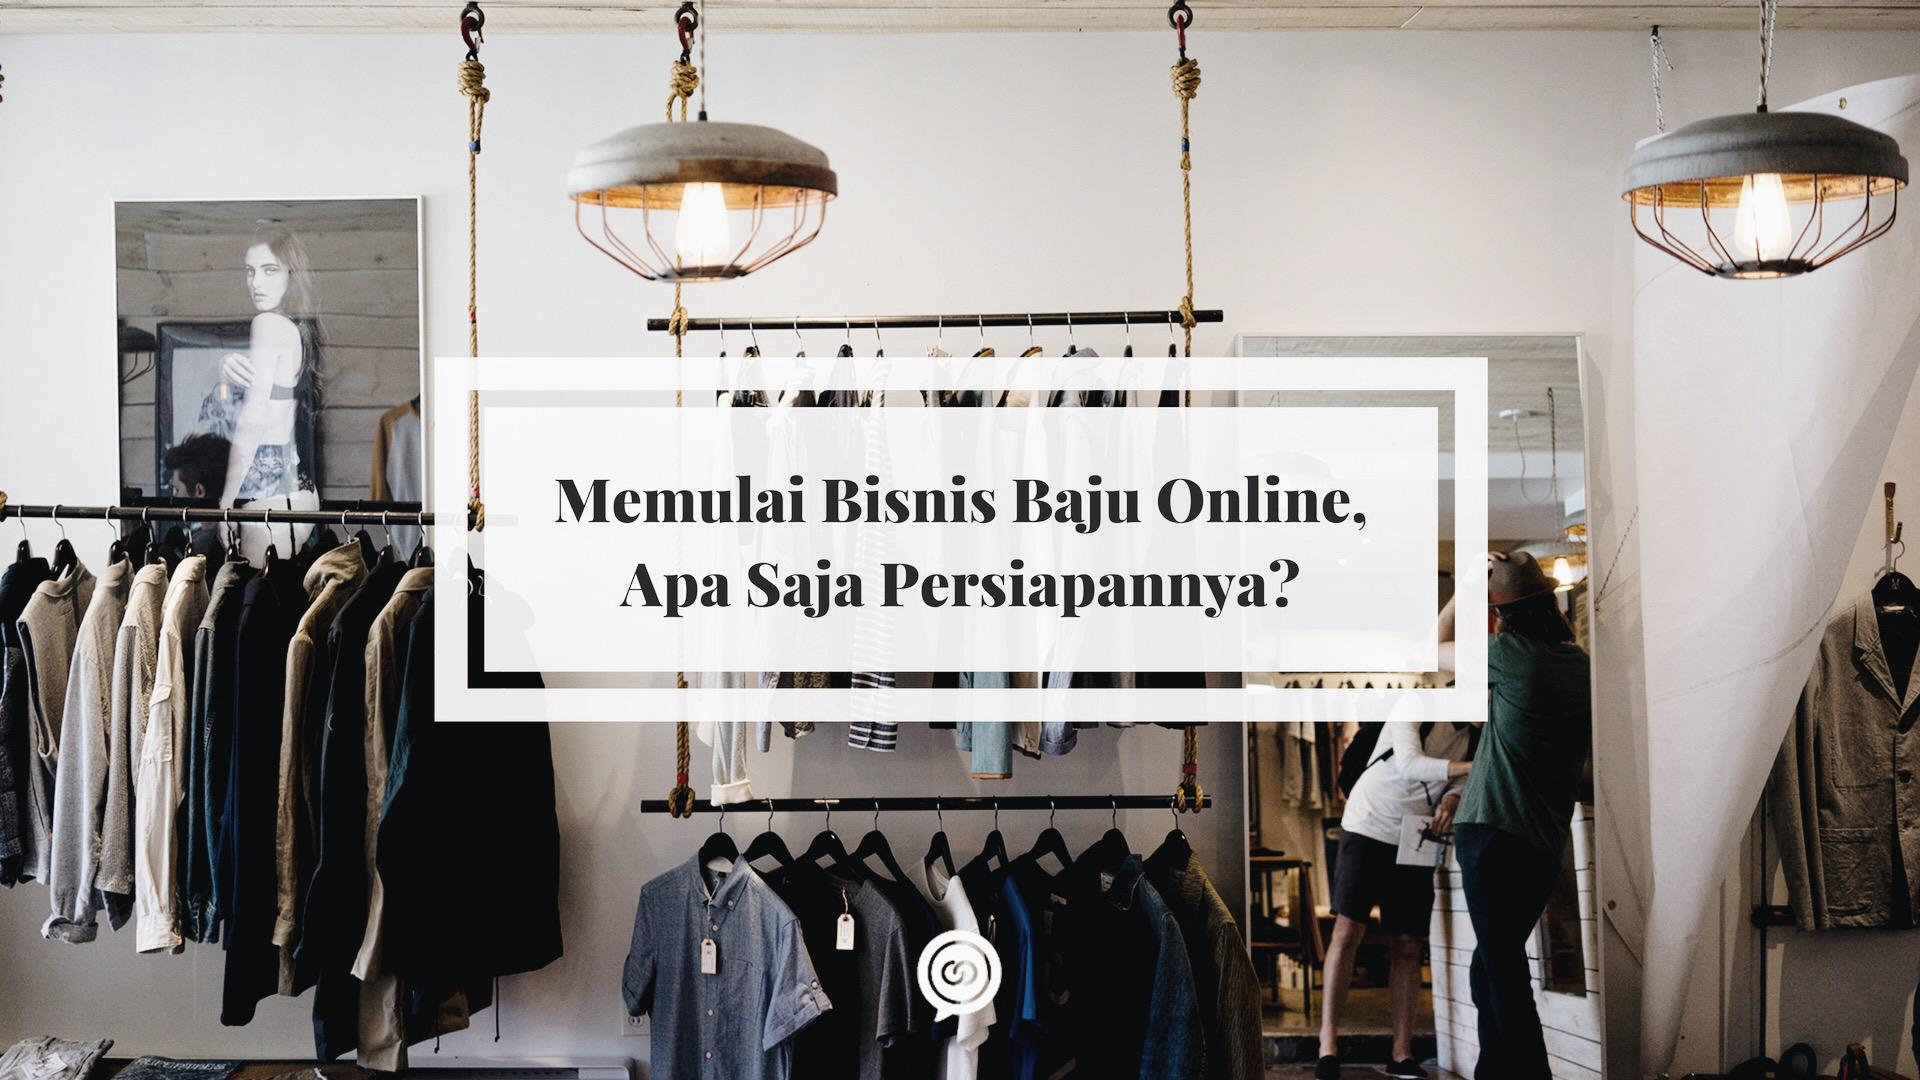 Memulai Bisnis Jual Baju Online, Apa Saja Persiapannya ...